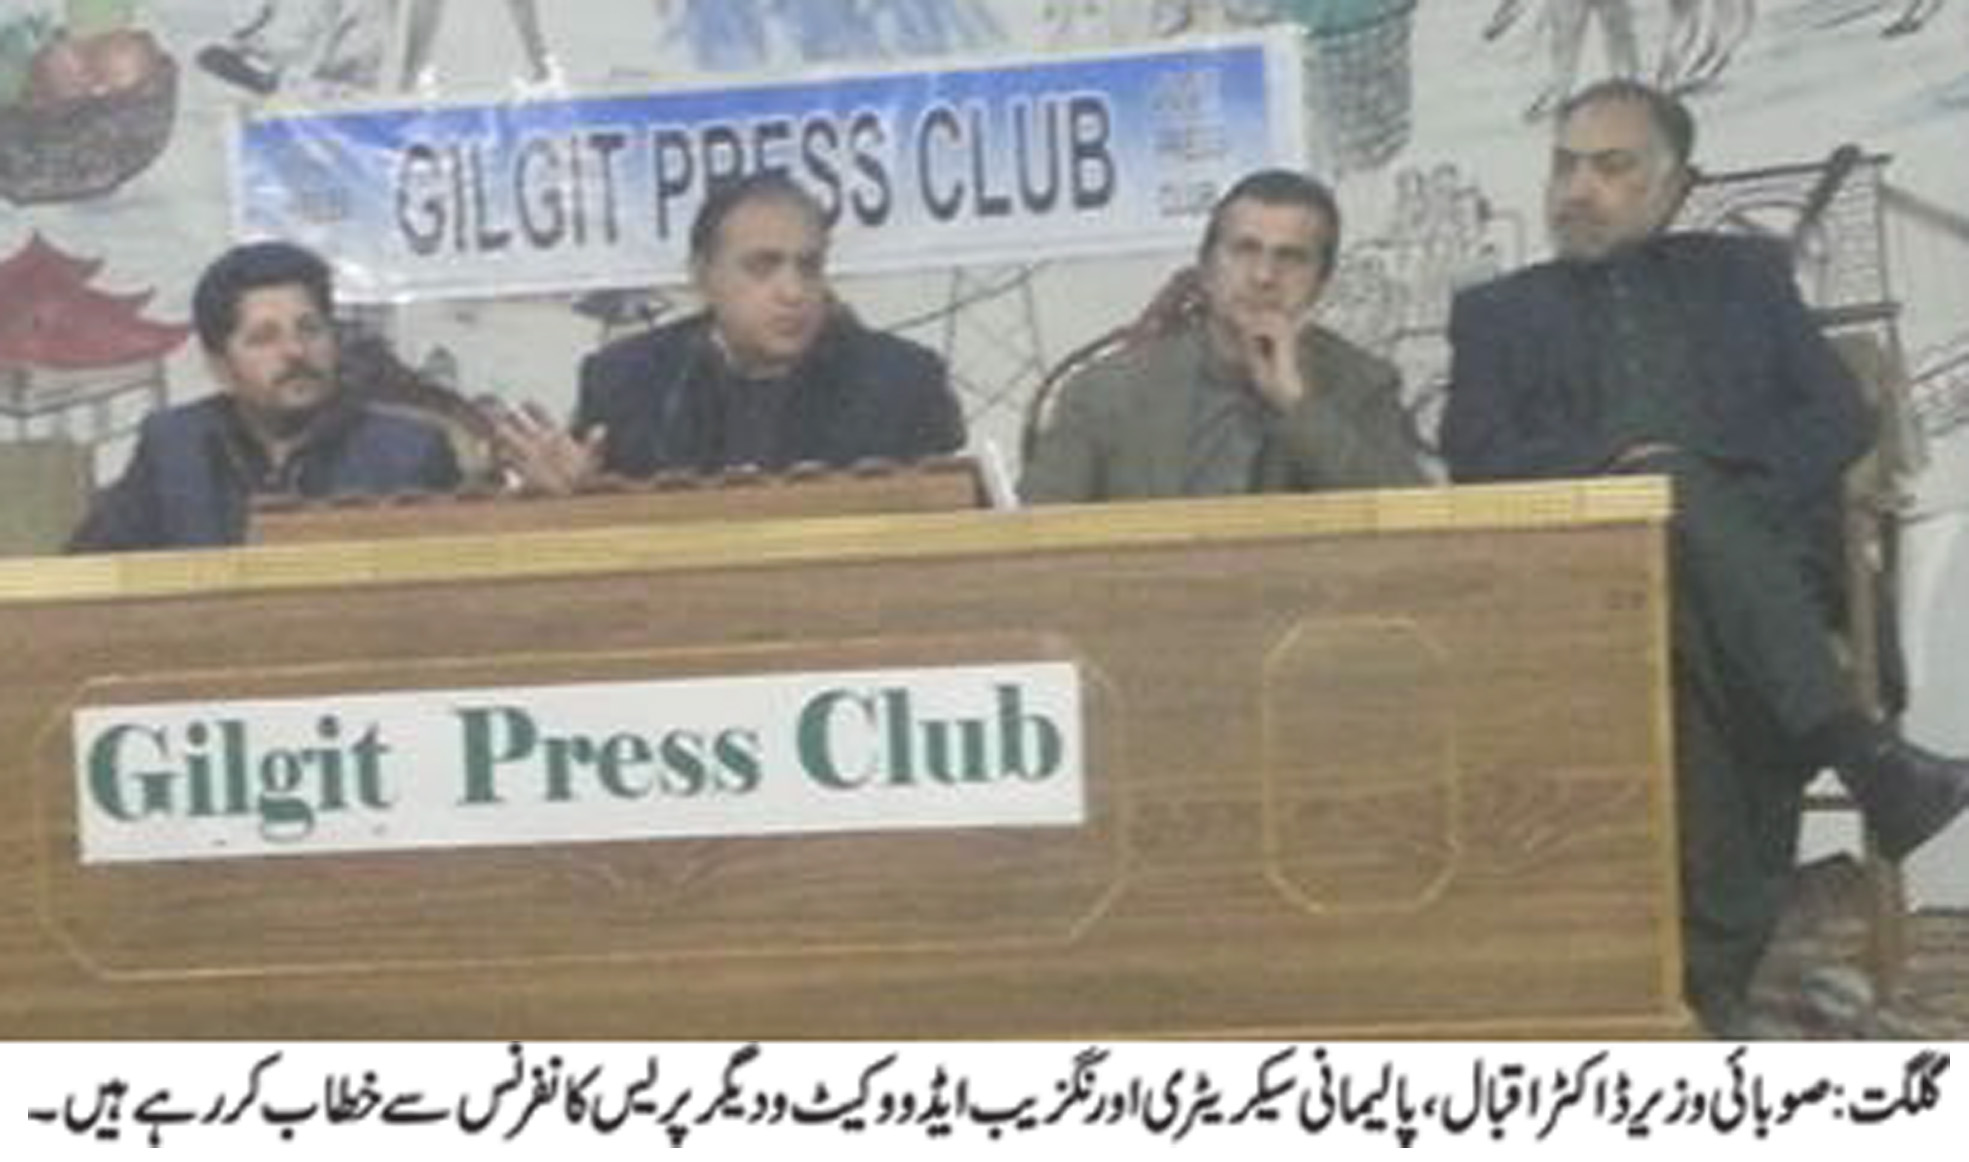 تعلیمی اداروں میں ہر قسم کے مذہبی تقریبات کے انعقاد پر پابندی لگائی گئی ہے، حکومتی نمائندوں کا پریس کانفرنس